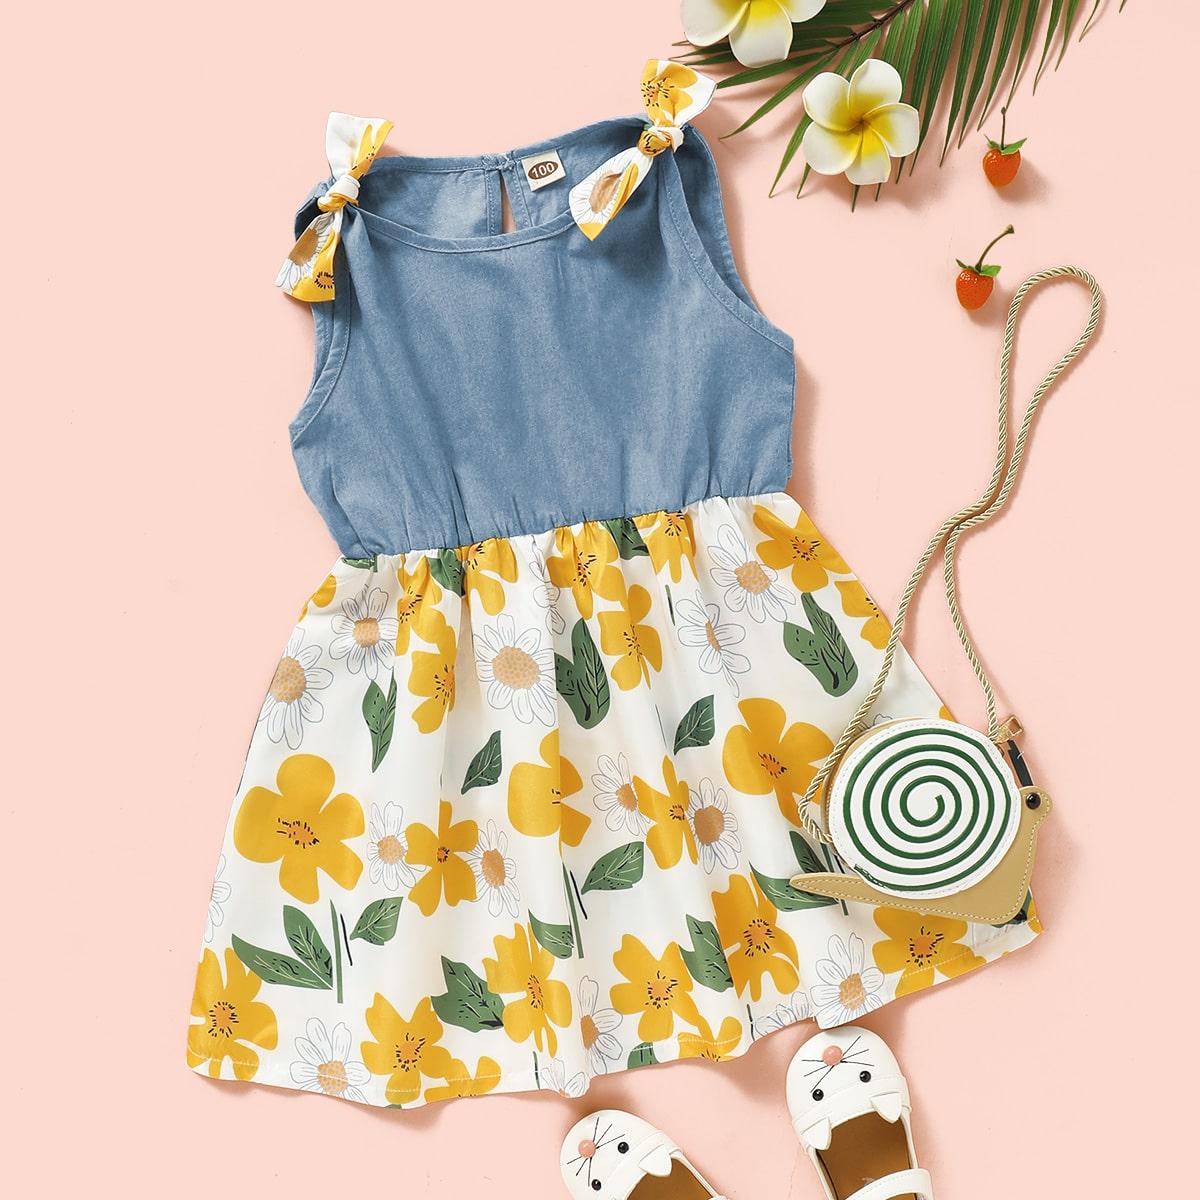 SHEIN / Kleid mit Knoten auf Schulter und Blumen Muster